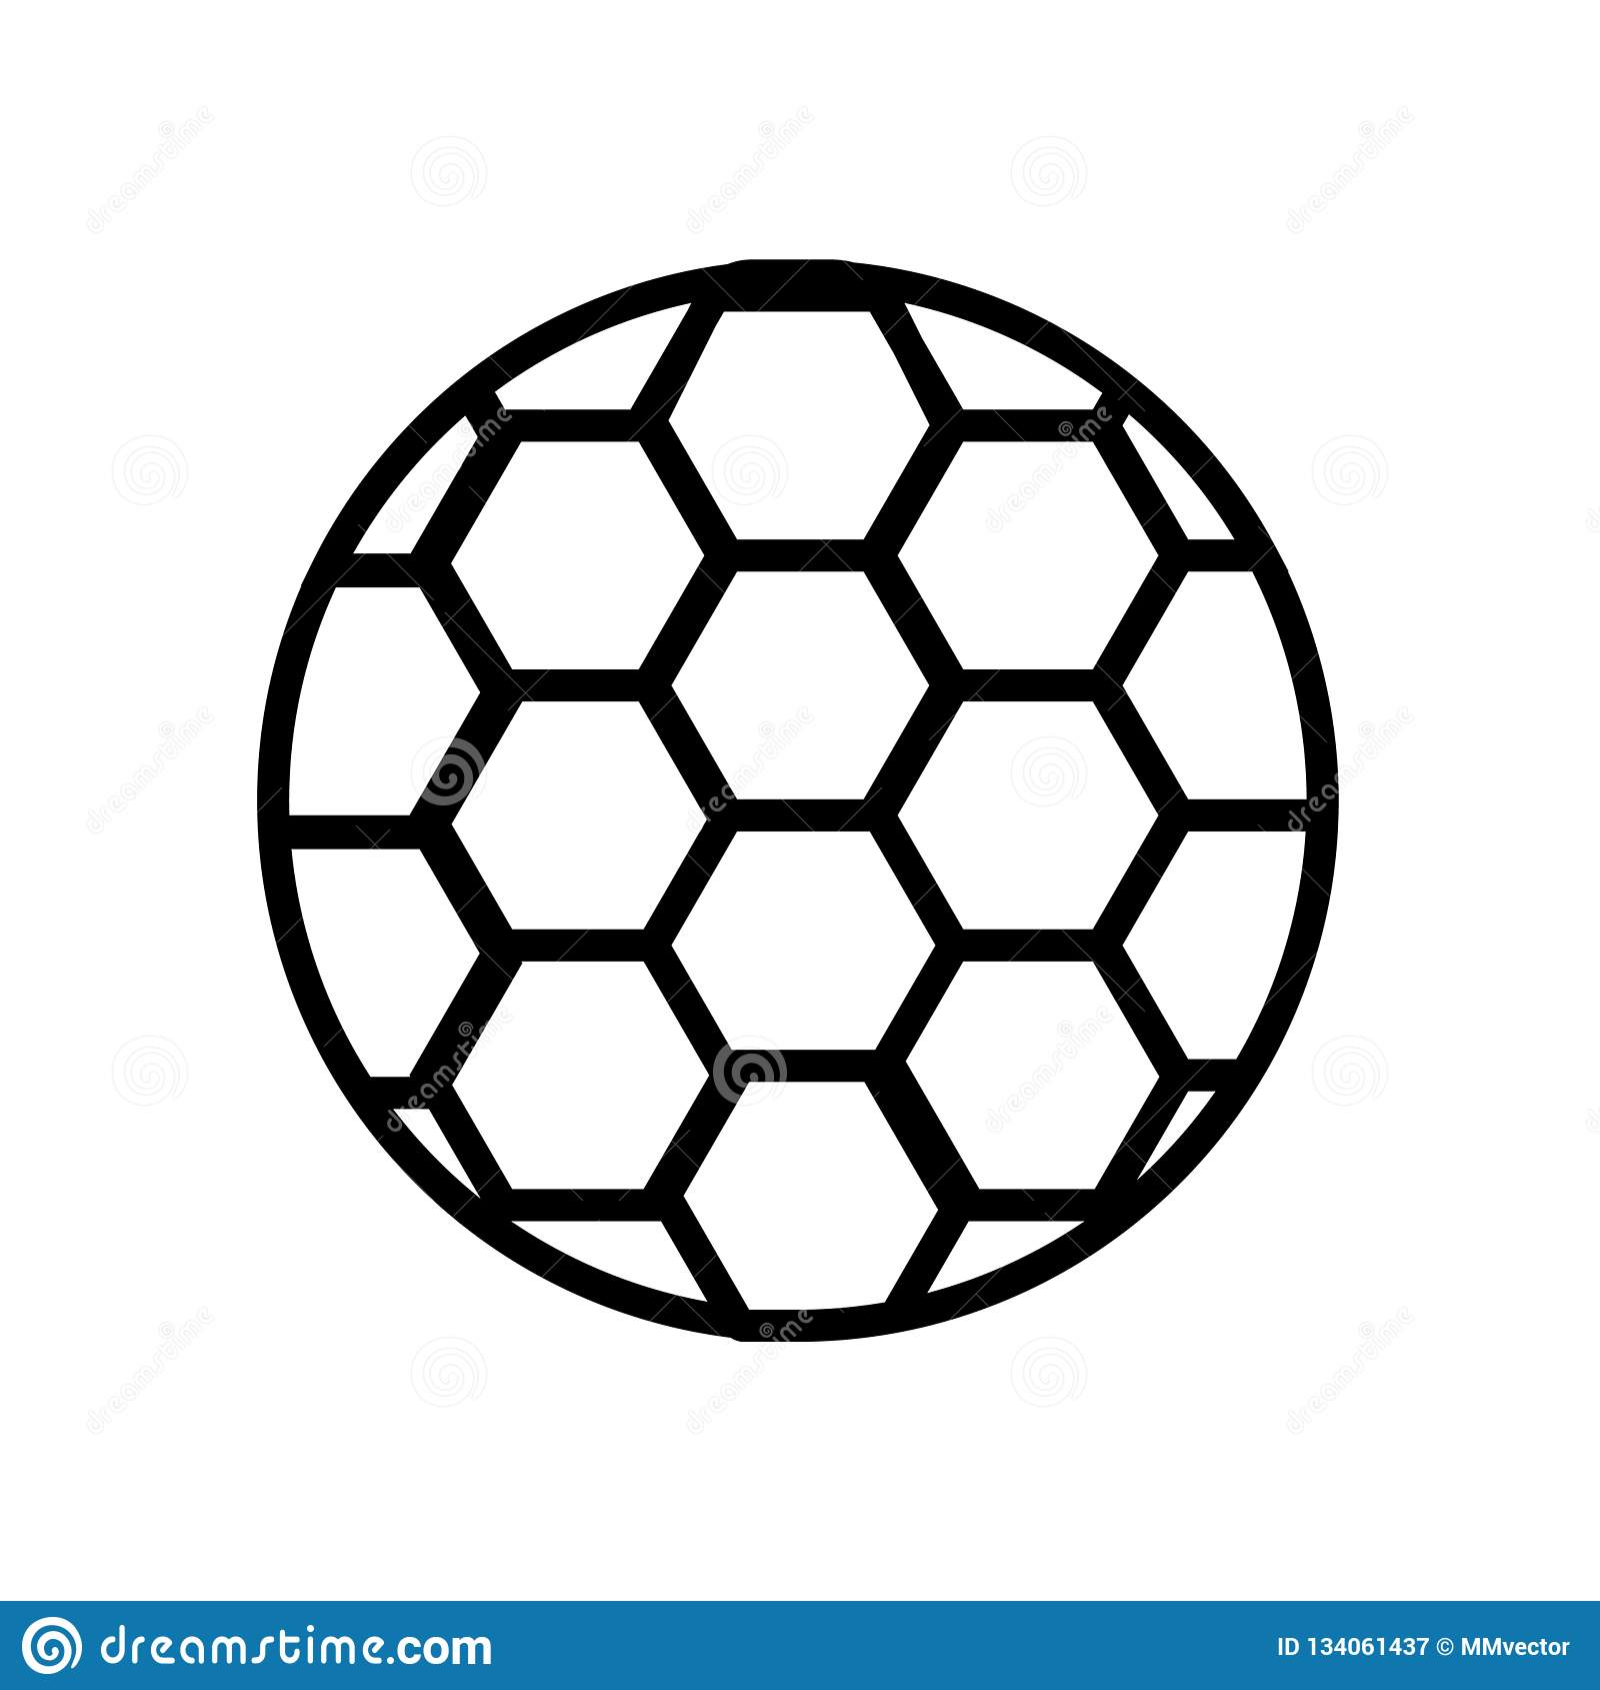 Vetor do ícone da bola do futebol do futebol isolado no fundo branco, no sinal da bola do futebol do futebol, no símbolo linear e